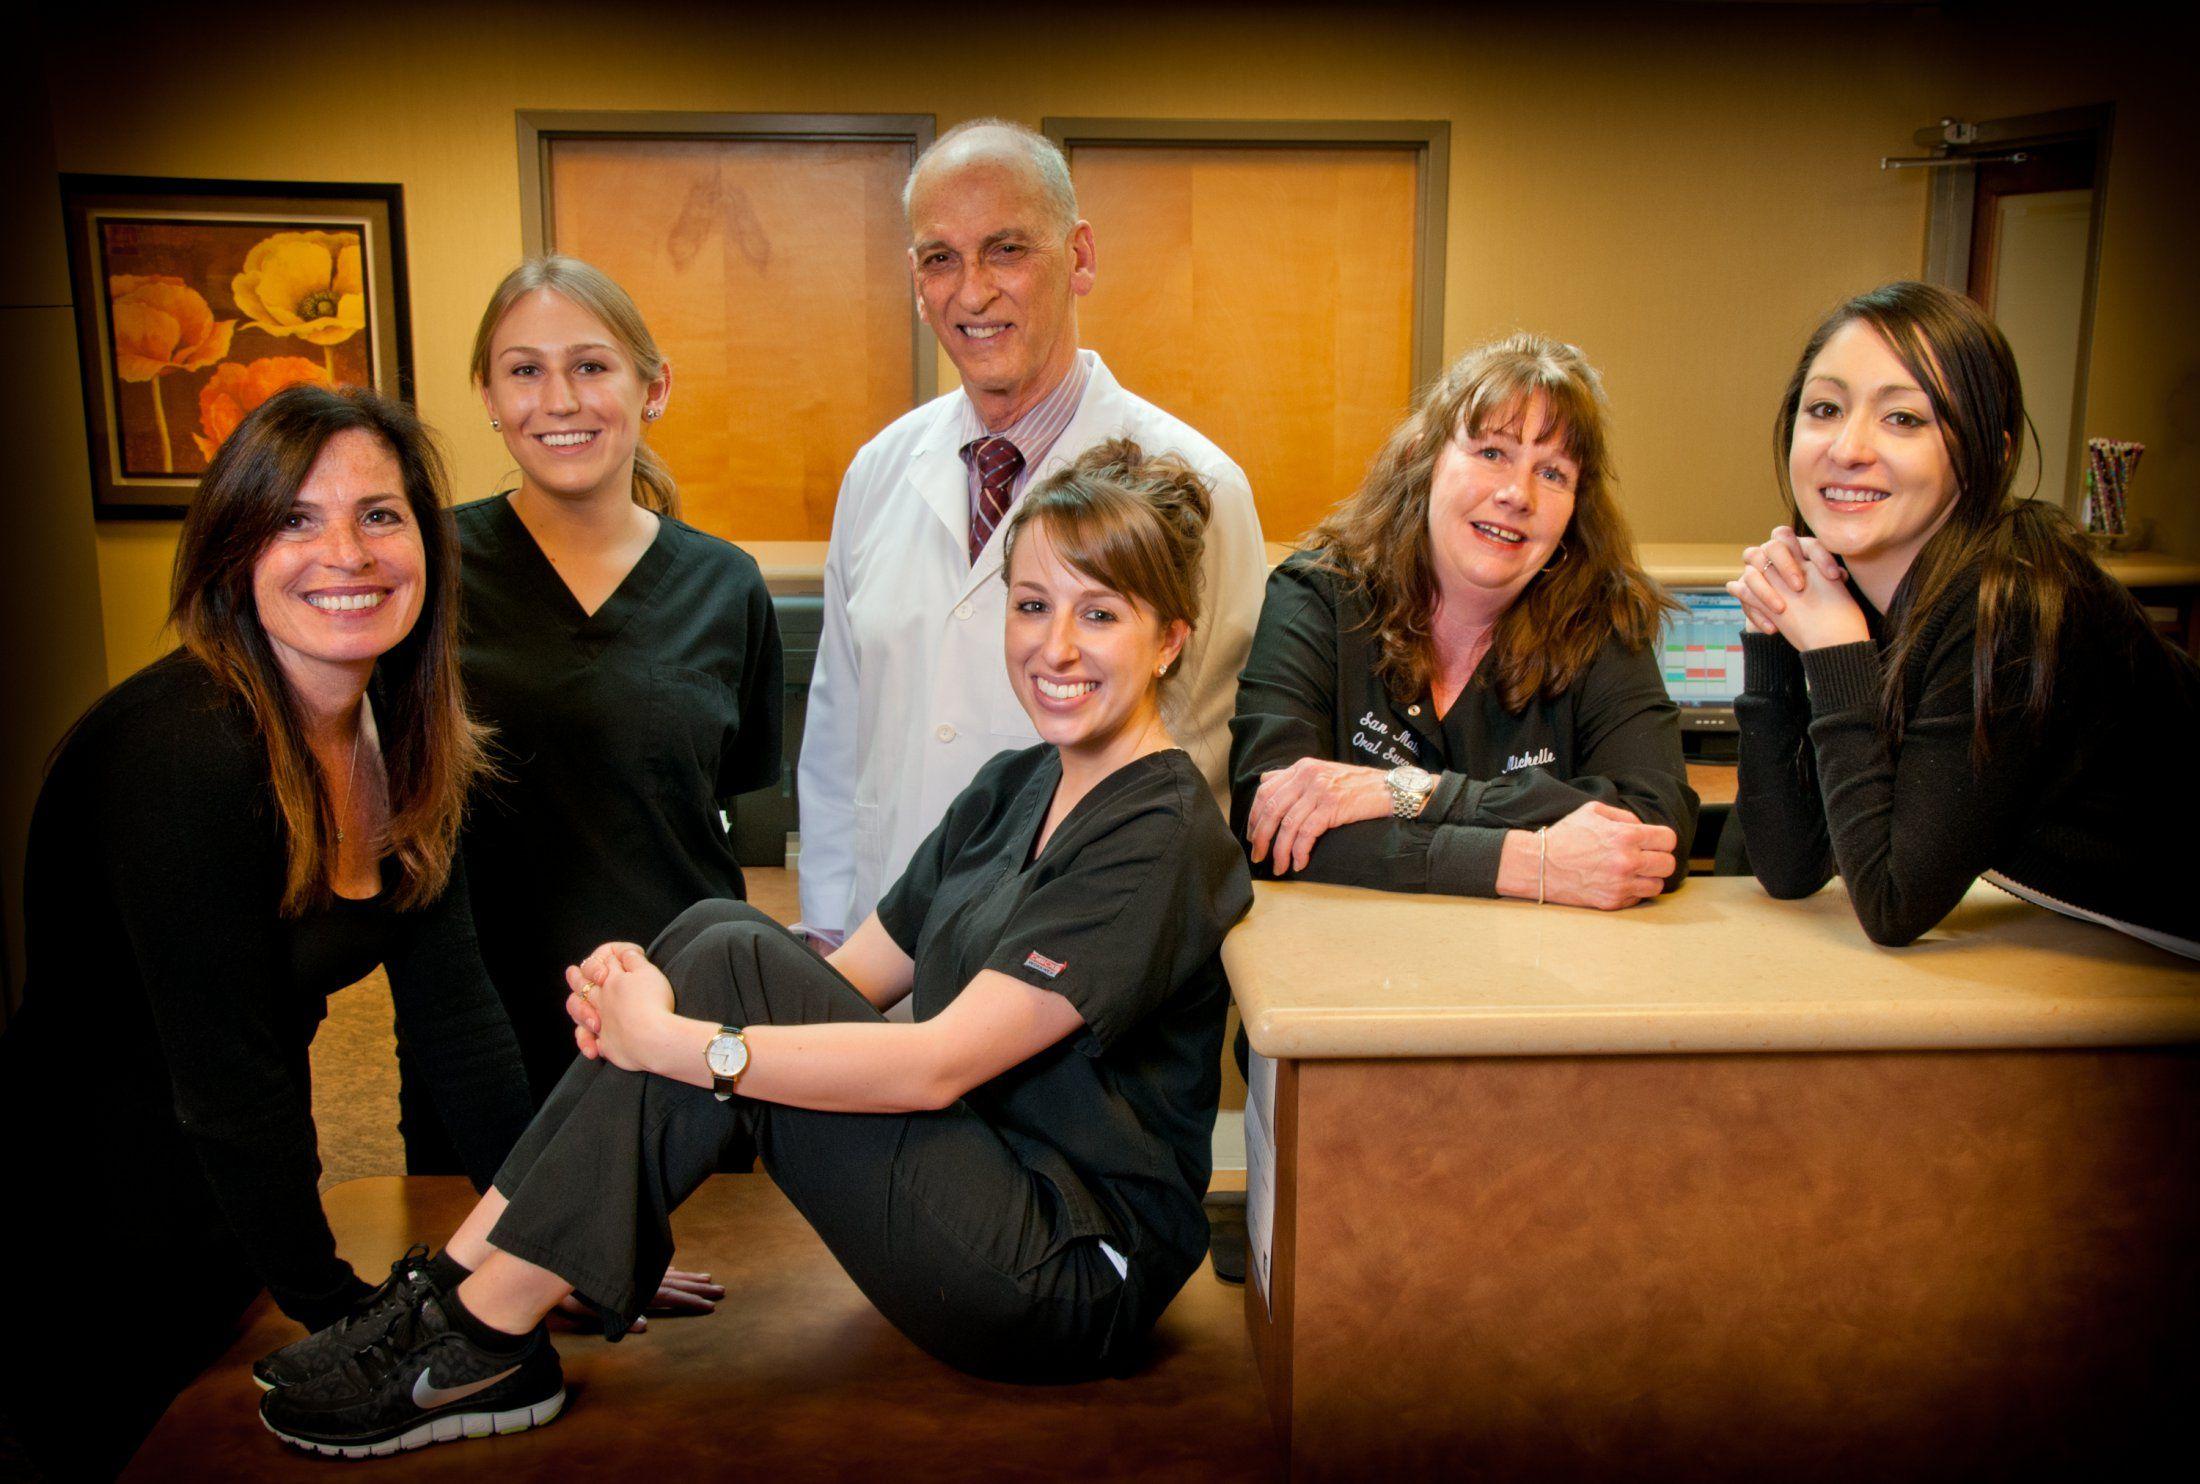 Oral facial surgery group